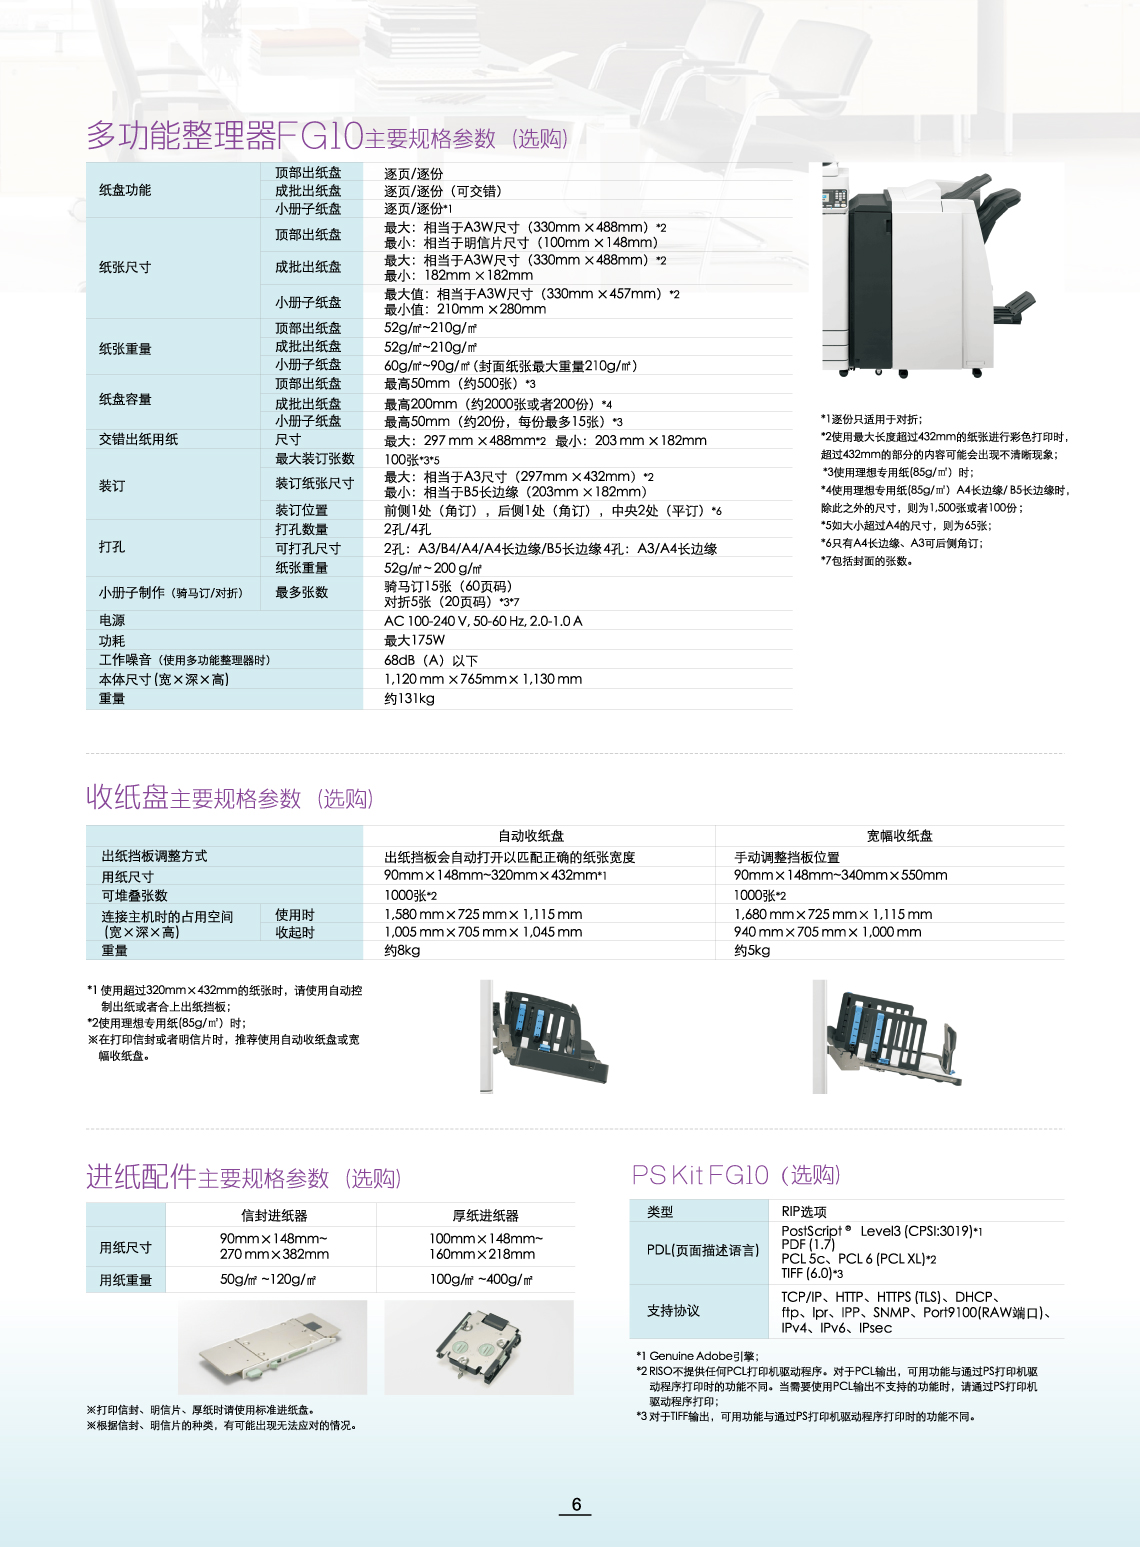 FW5230-7.jpg